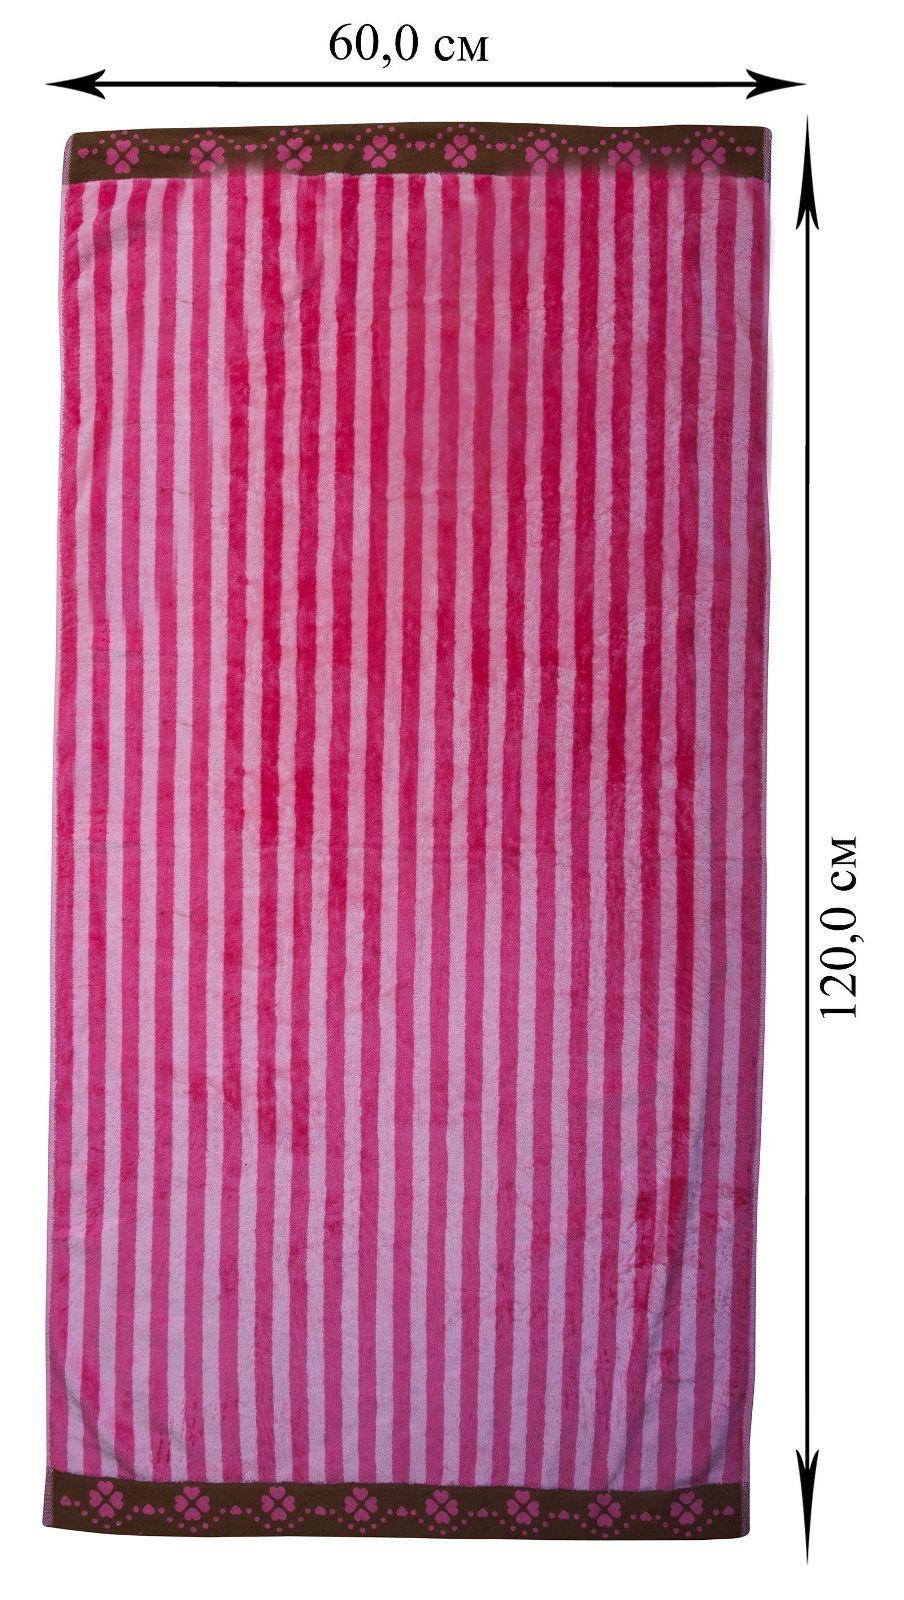 Махровое полотенце в полоску - купить онлайн